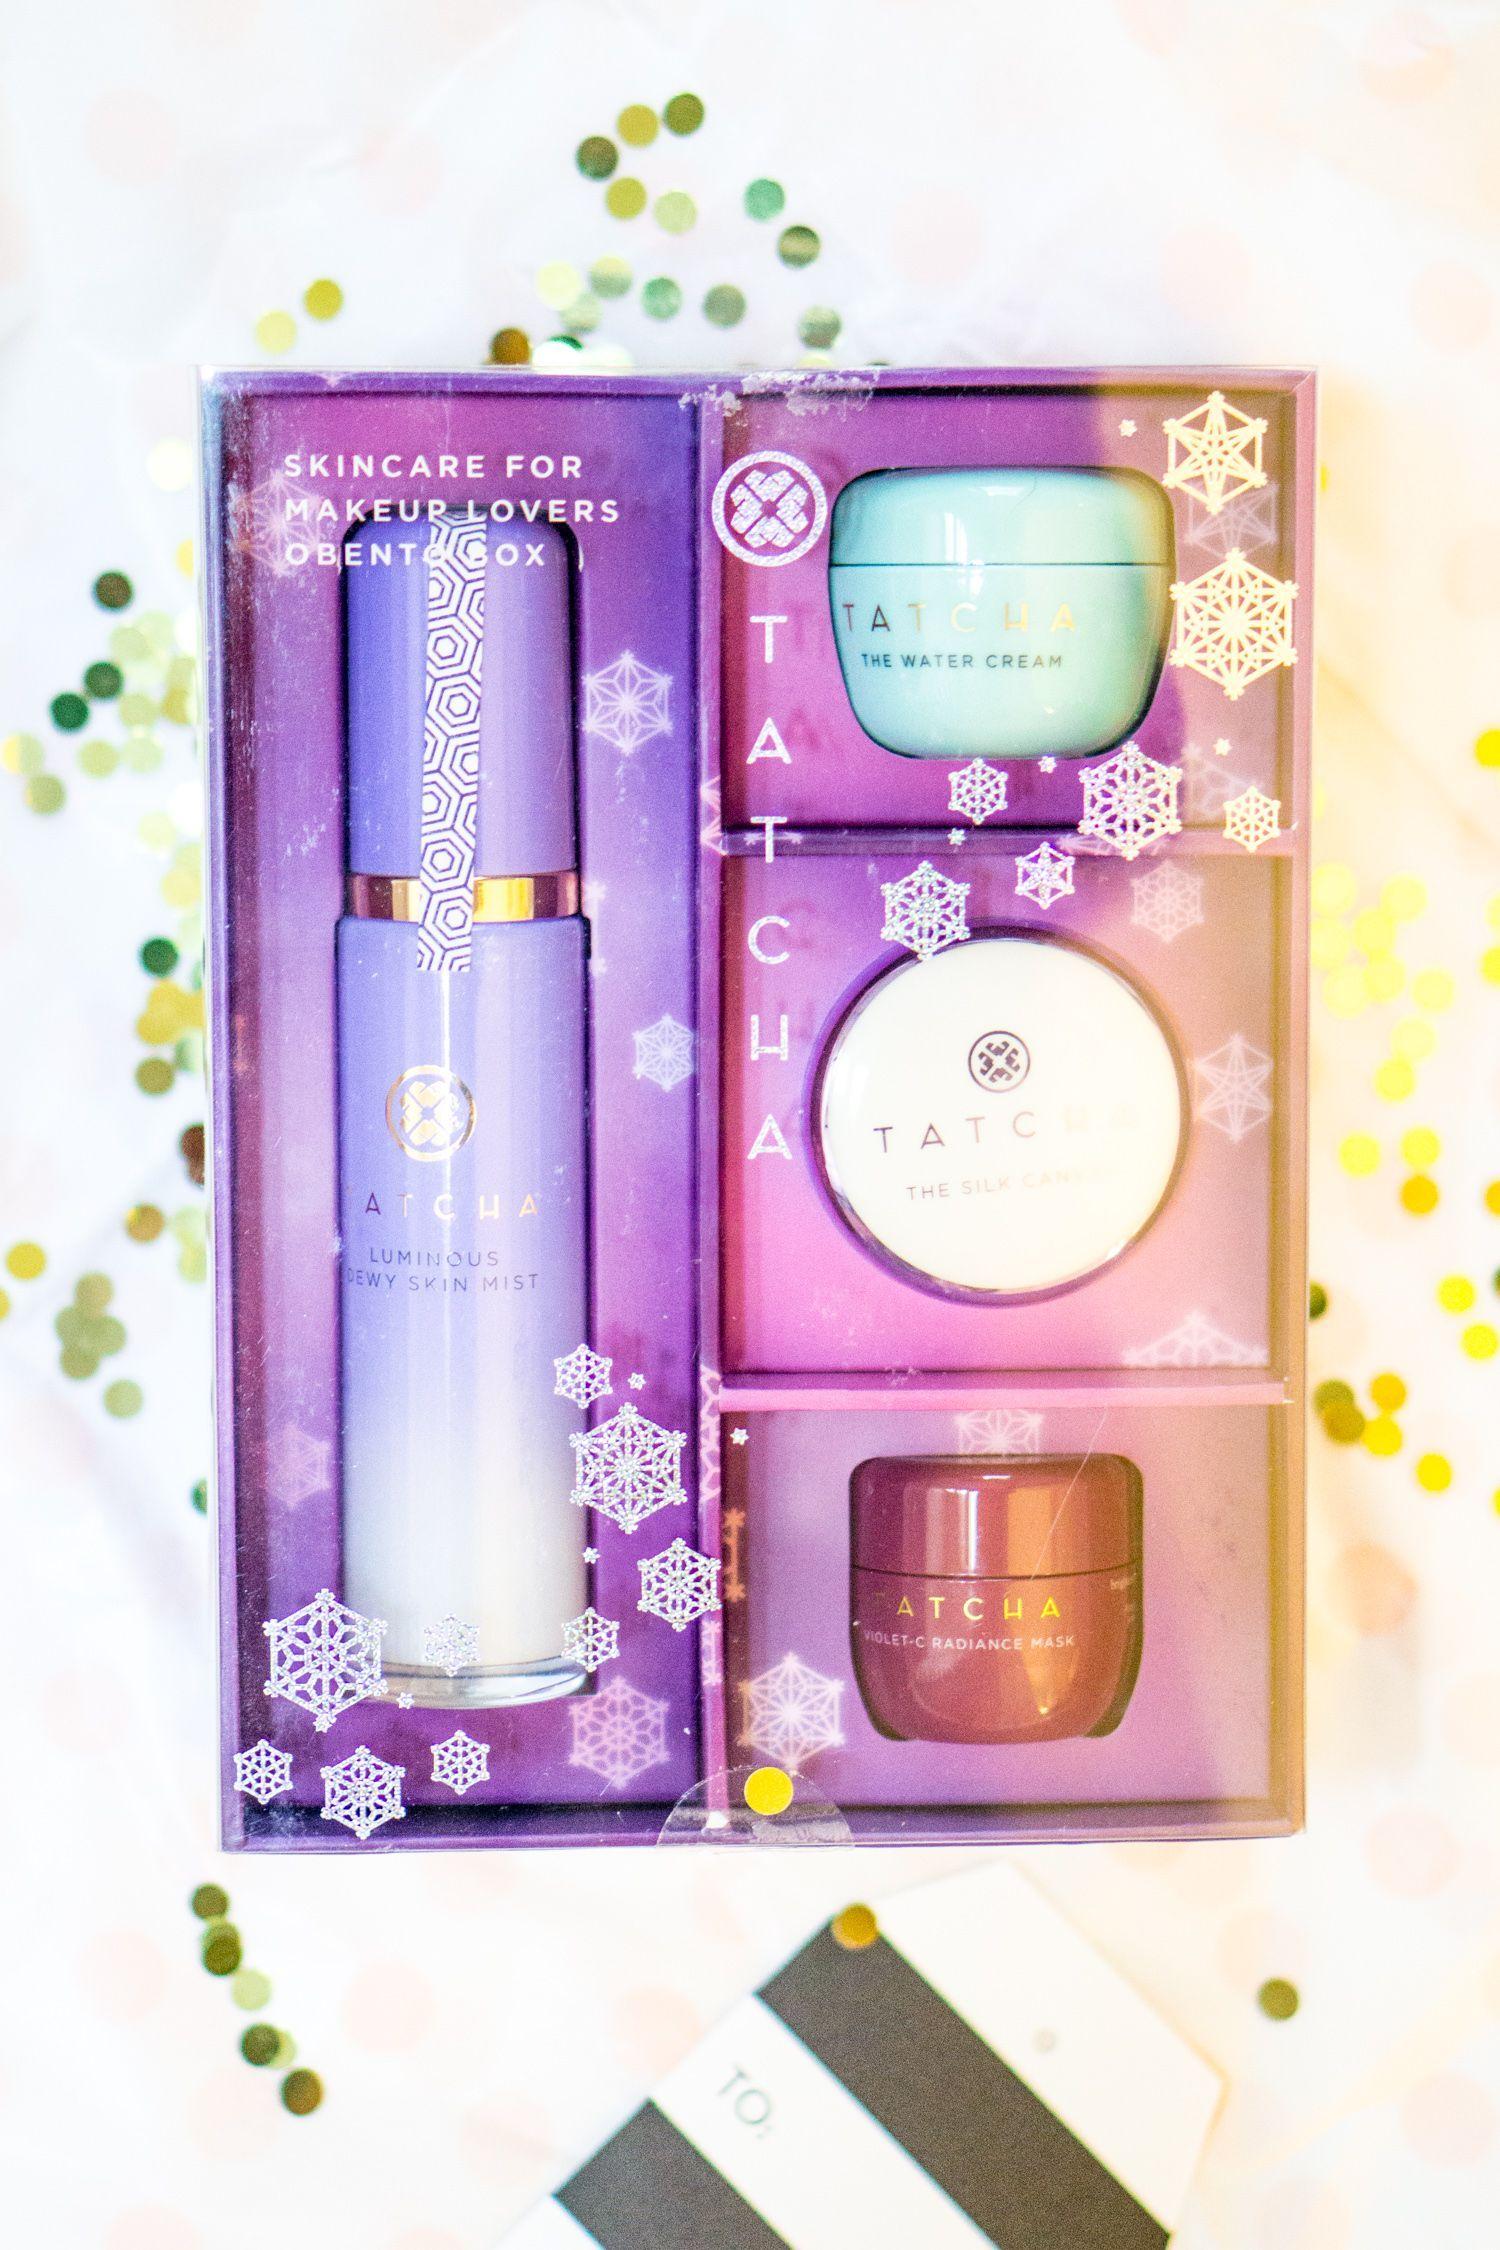 Sephora Christmas Gift Sets 2019 Tatcha 2018 Holiday Collection for Sephora #ChristmasMakeupIdeas